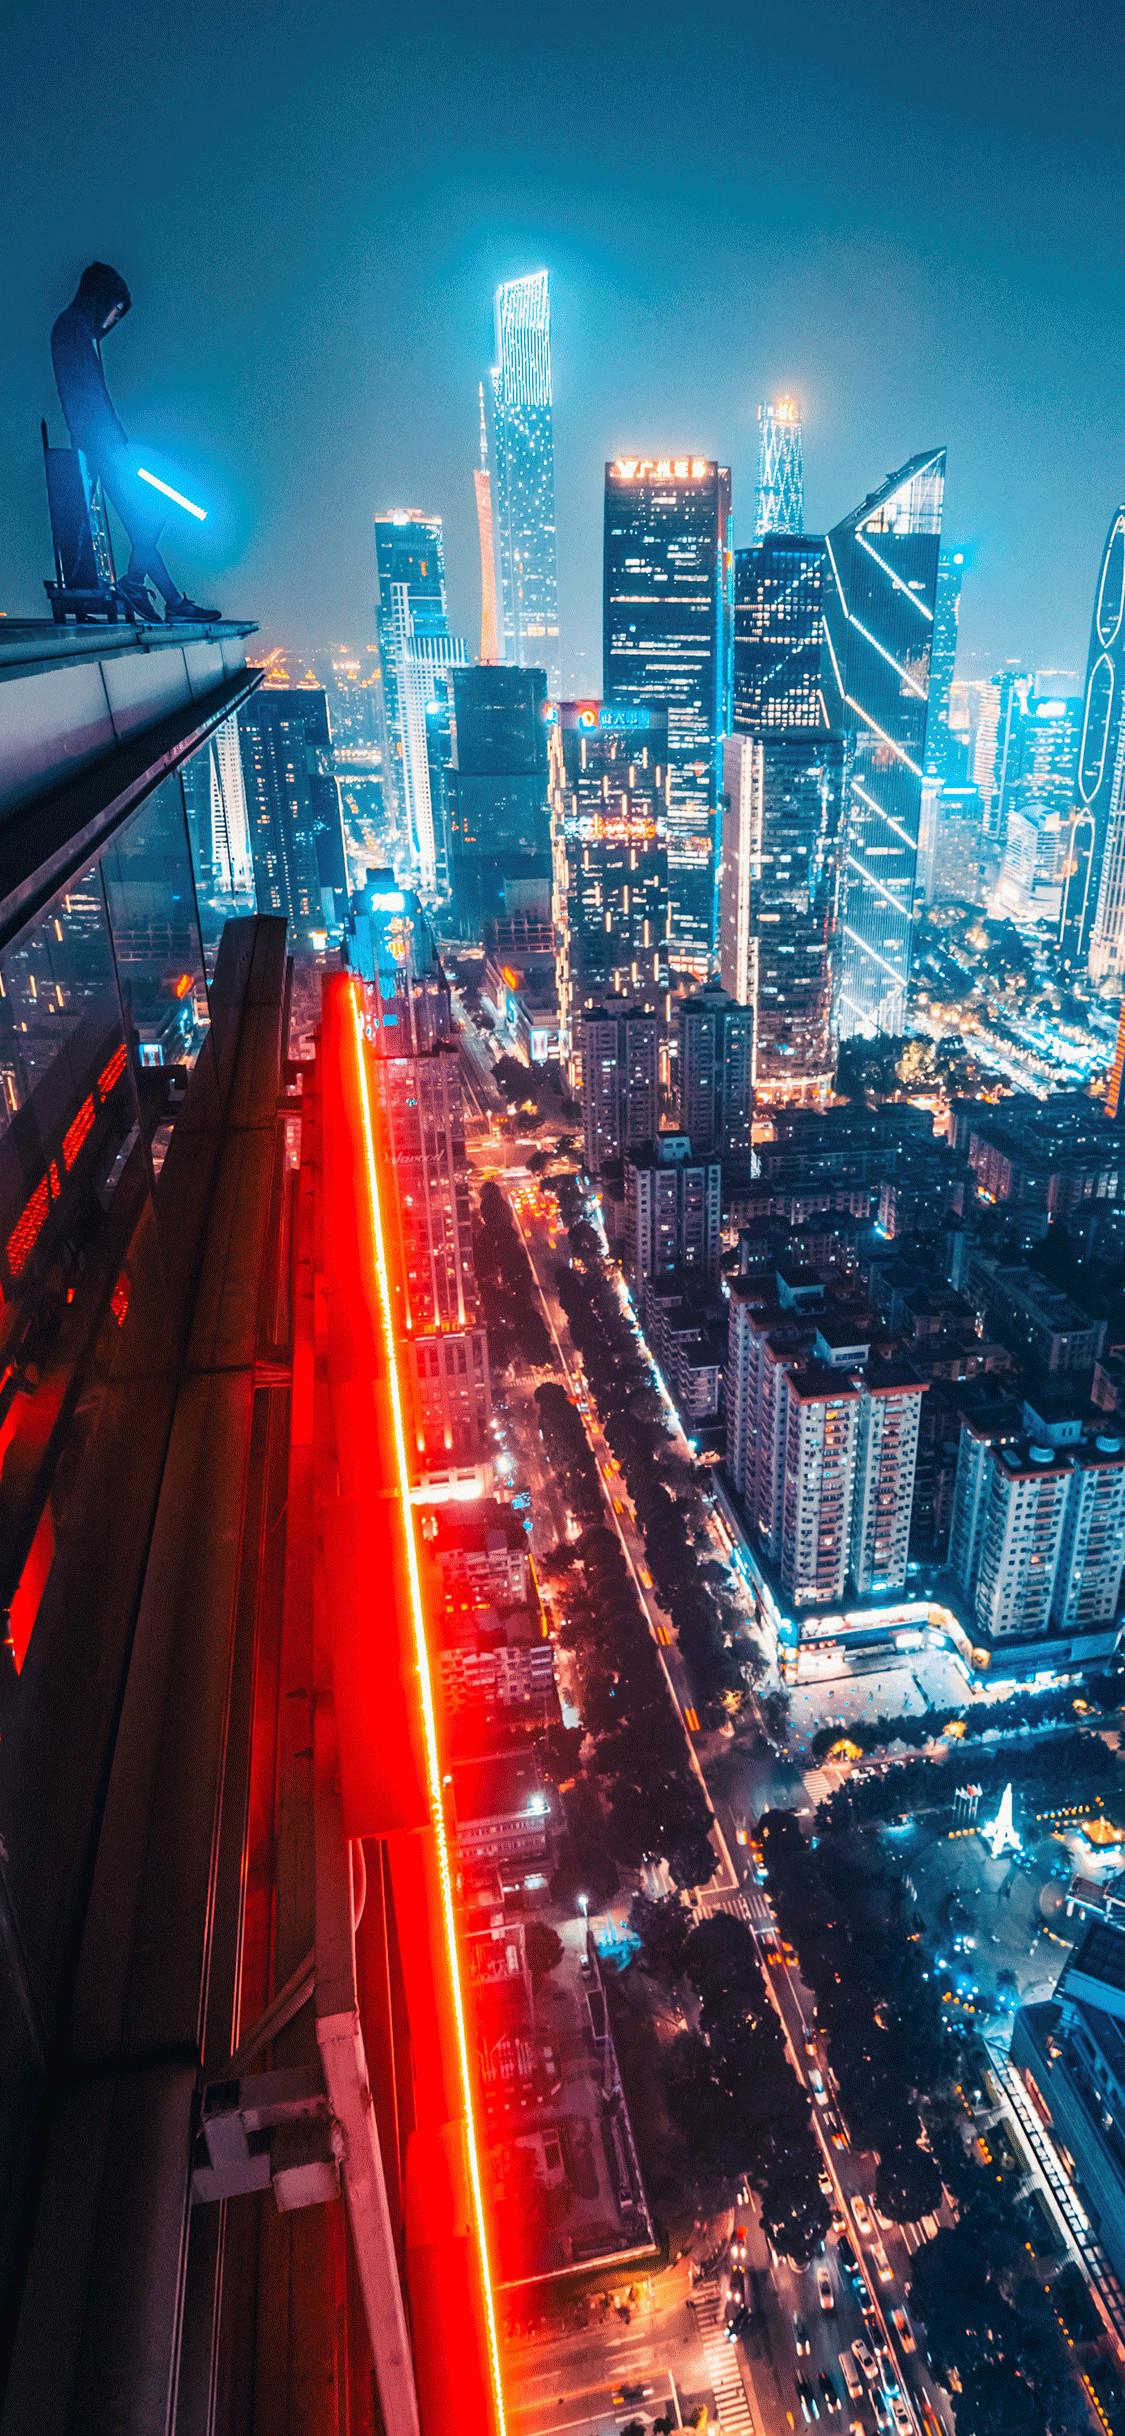 1125x2436, Iphone Wallpaper City Night Guangzhou City - Iphone X Wallpaper City Night , HD Wallpaper & Backgrounds